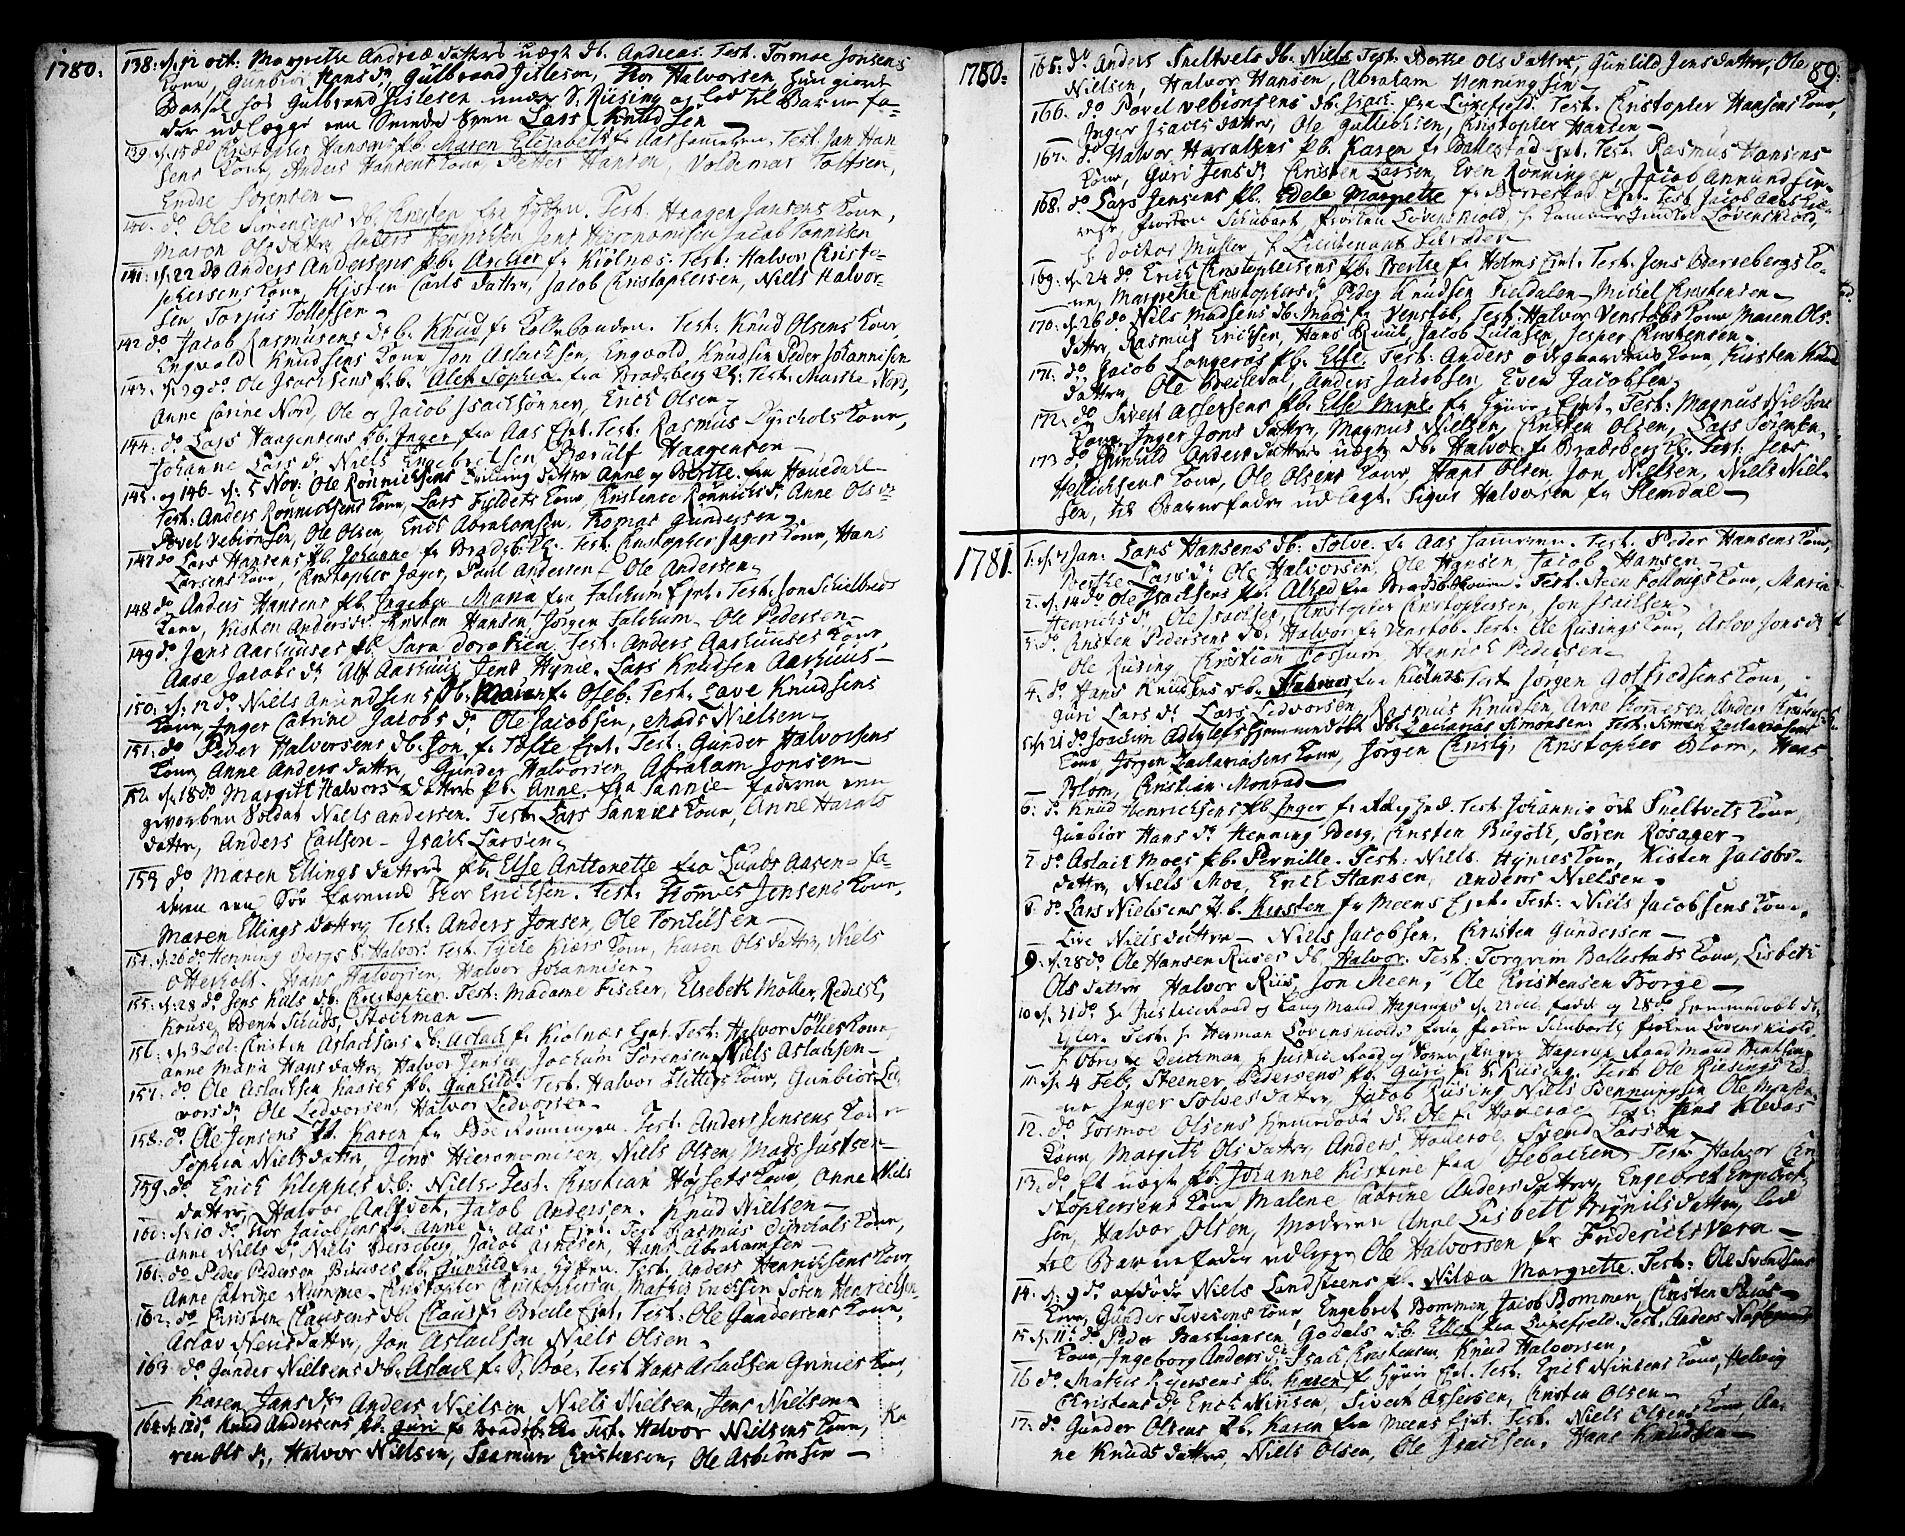 SAKO, Gjerpen kirkebøker, F/Fa/L0002: Ministerialbok nr. 2, 1747-1795, s. 89